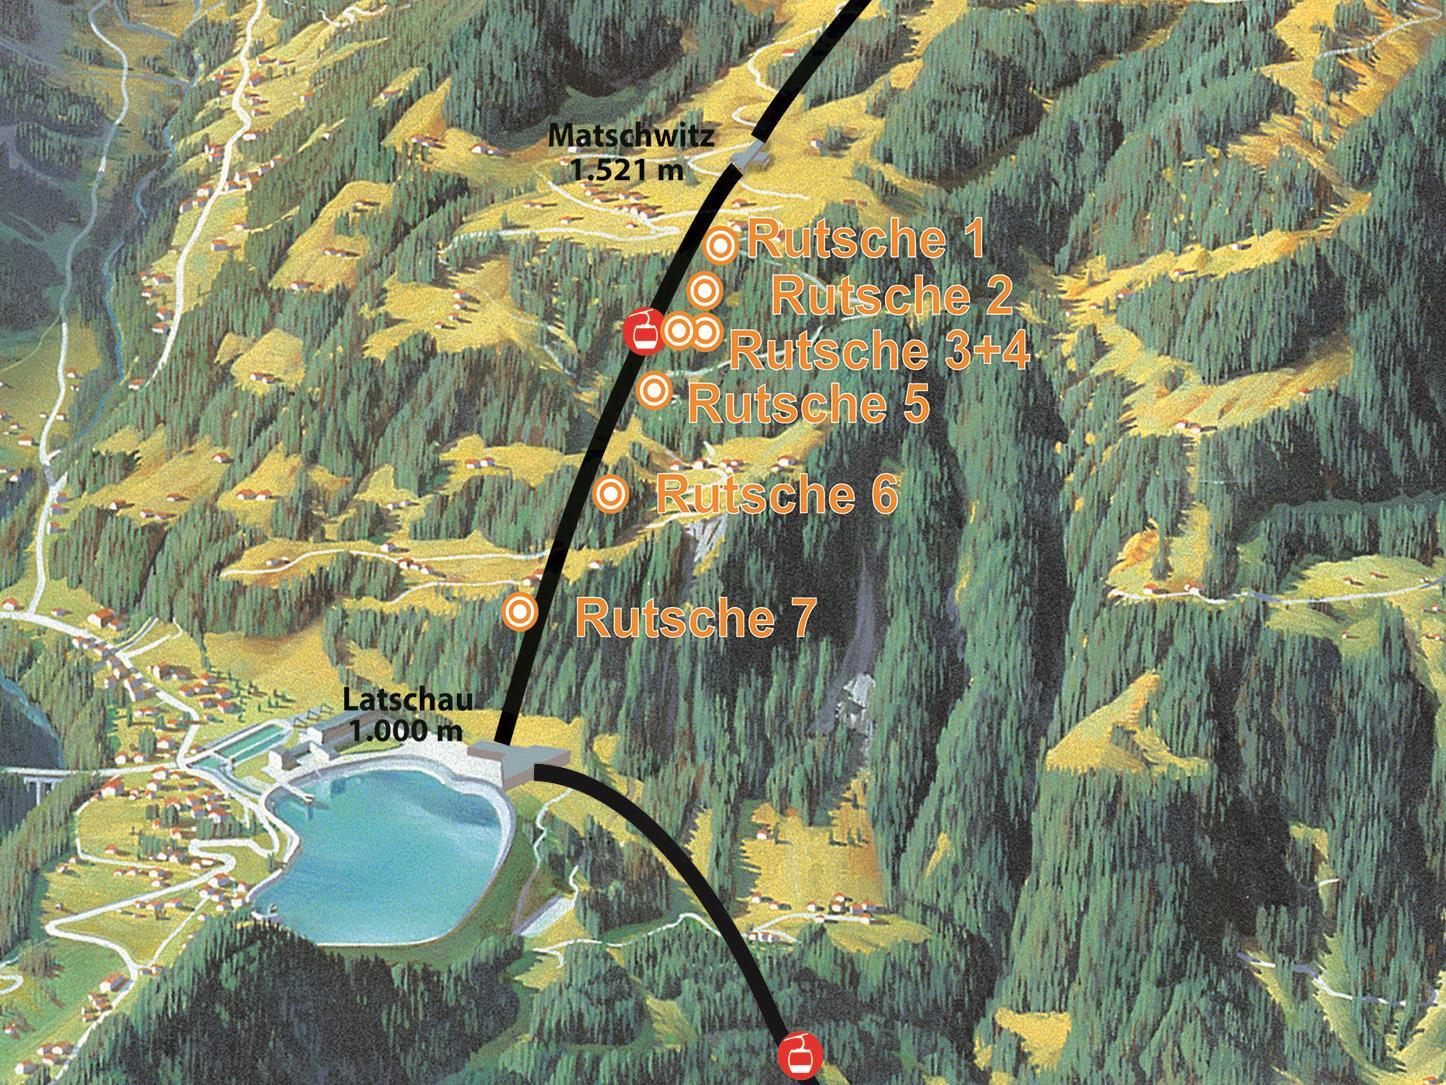 Der neue Waldrutschenpark: 7 Rutschen mit insgesamt 350 Rutschenmetern und 500 Höhenmetern.